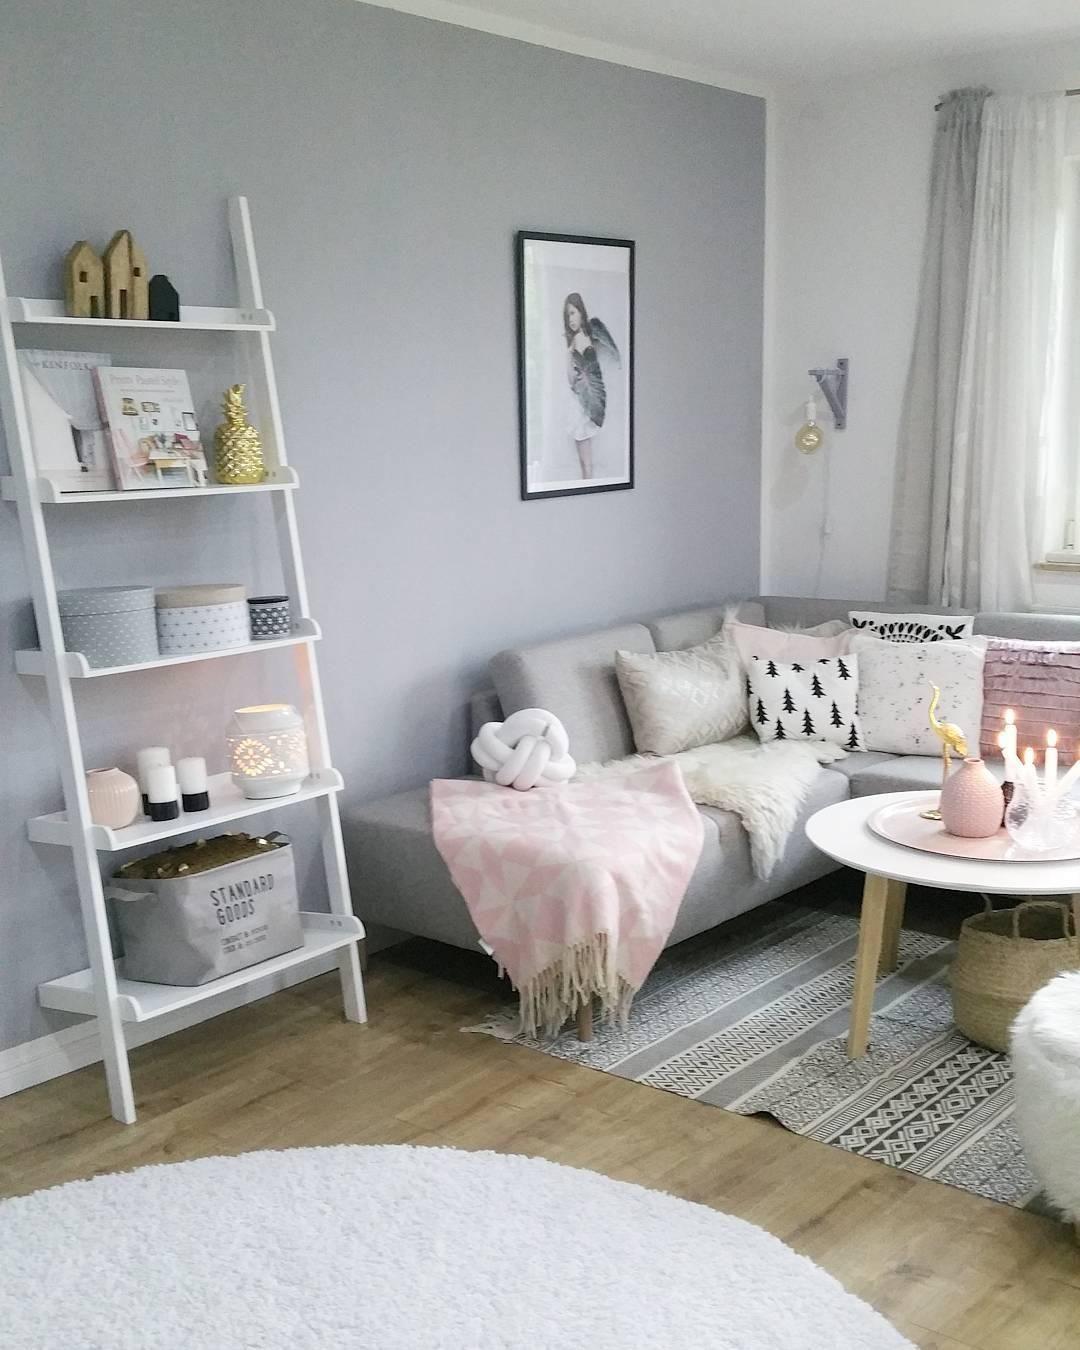 Ecksofa Fluente, Eckteil links | Living rooms, Room and Interiors